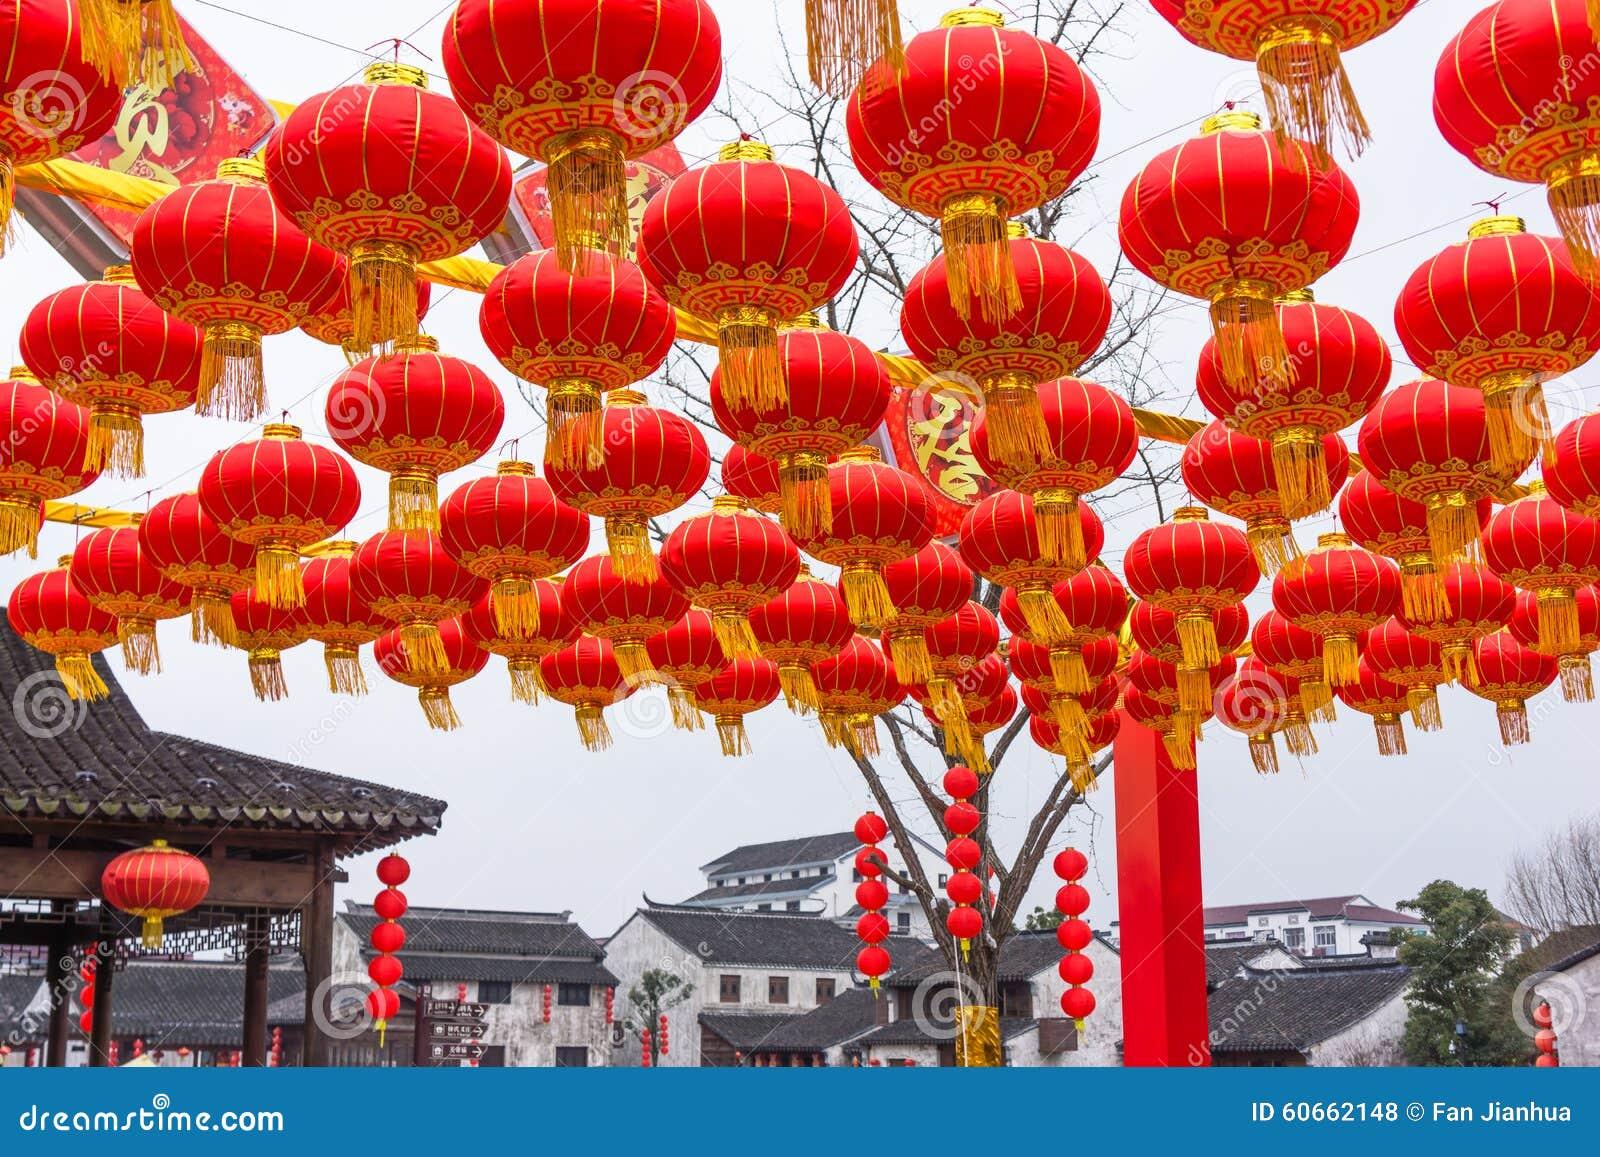 Decorazioni Con Lanterne Cinesi : Decorazioni rosse cinesi festive della lanterna fotografia stock